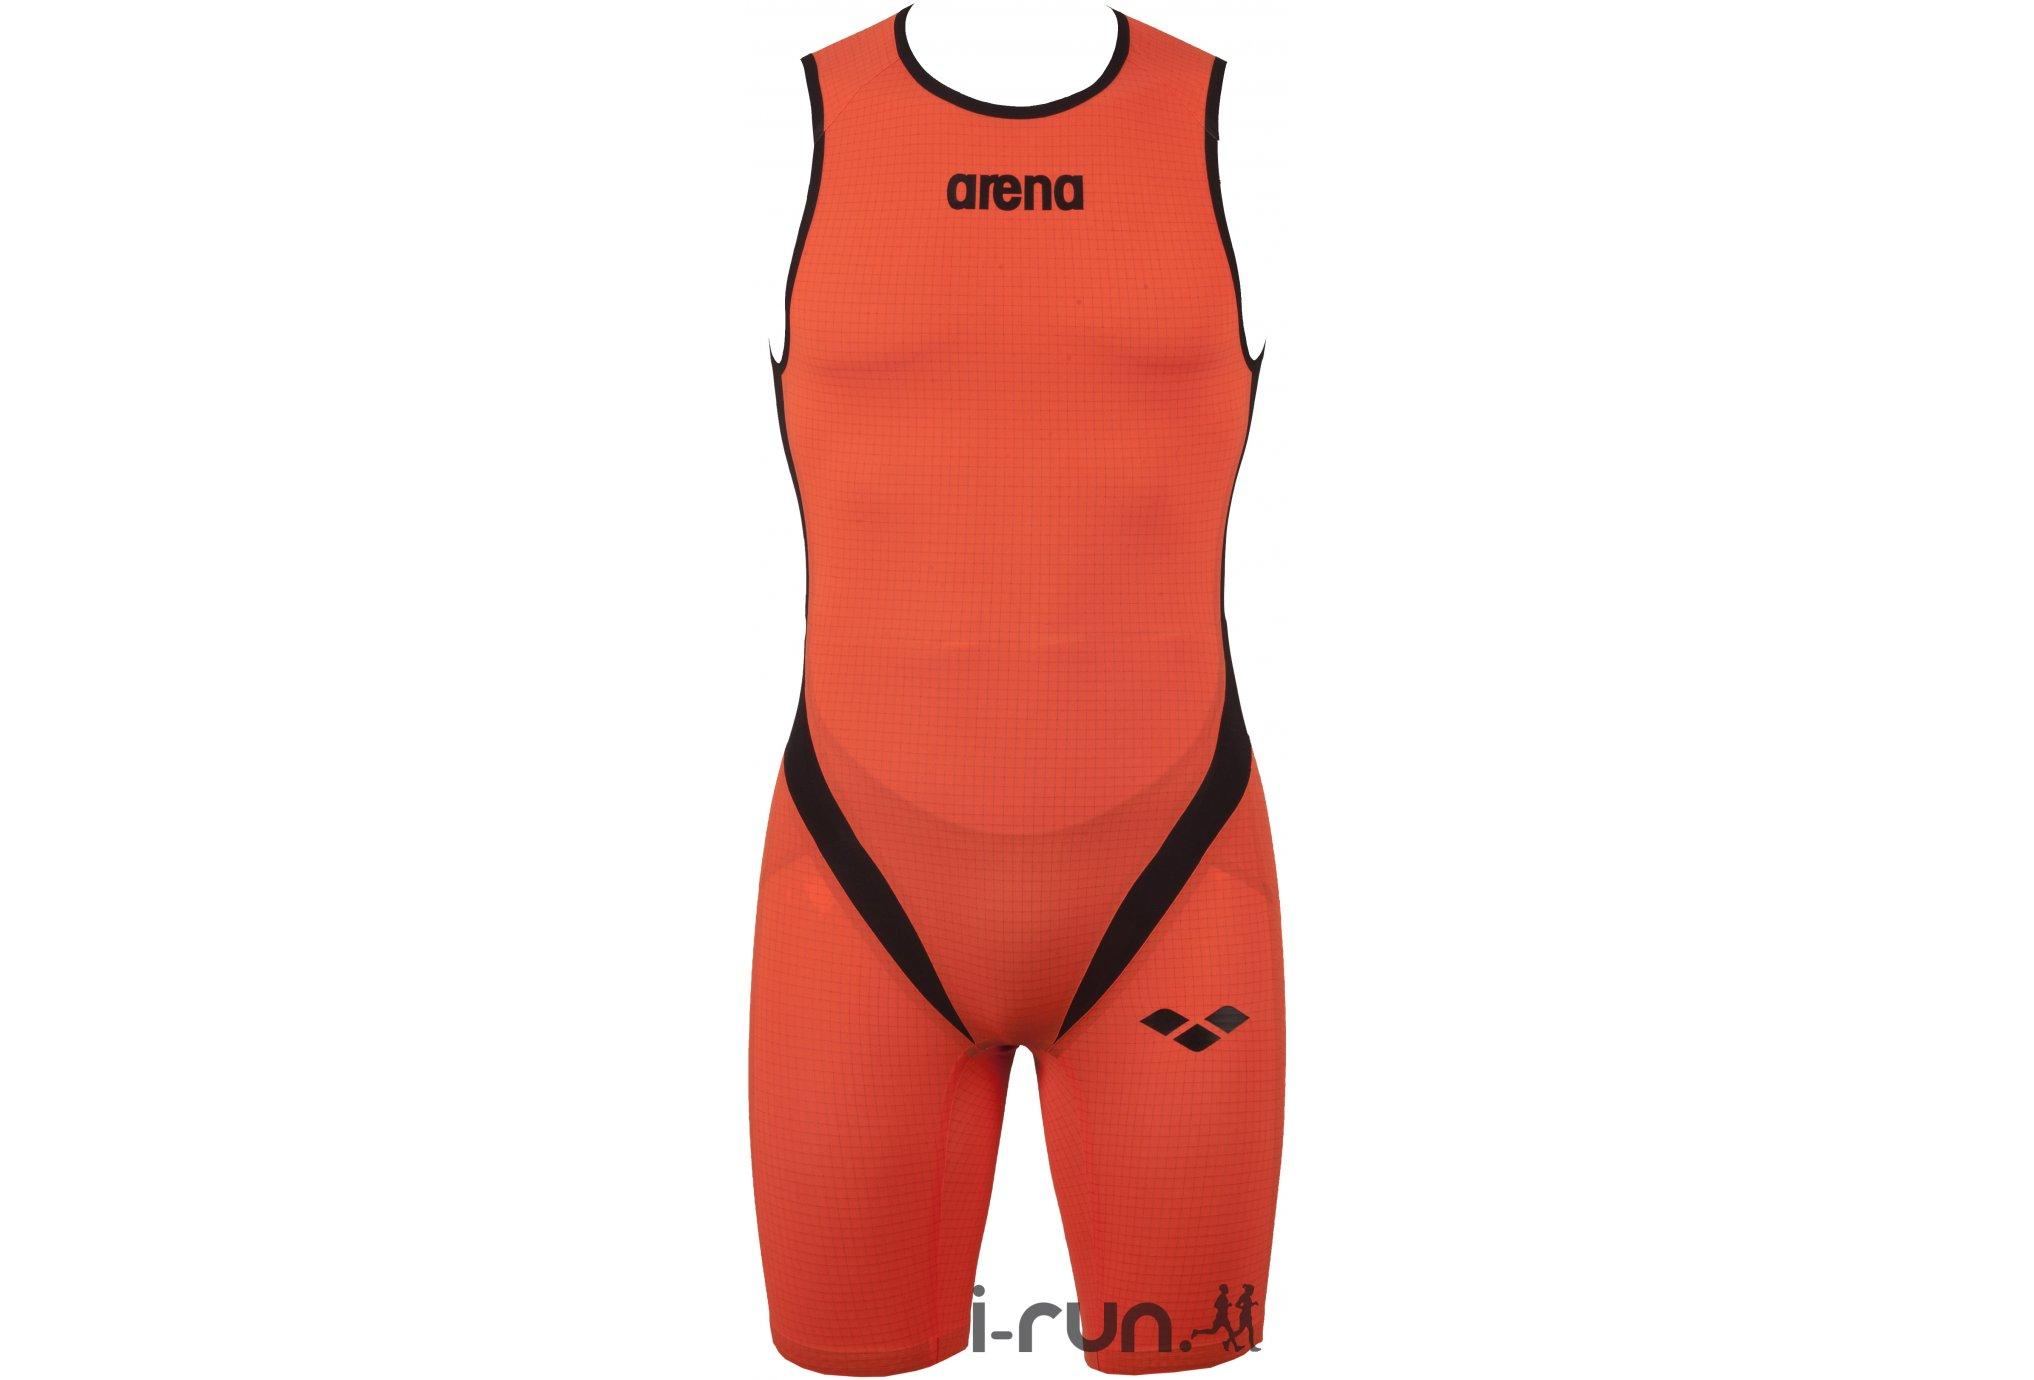 arena Combinaison Carbo Pro Tri zippée M Diététique Vêtements homme